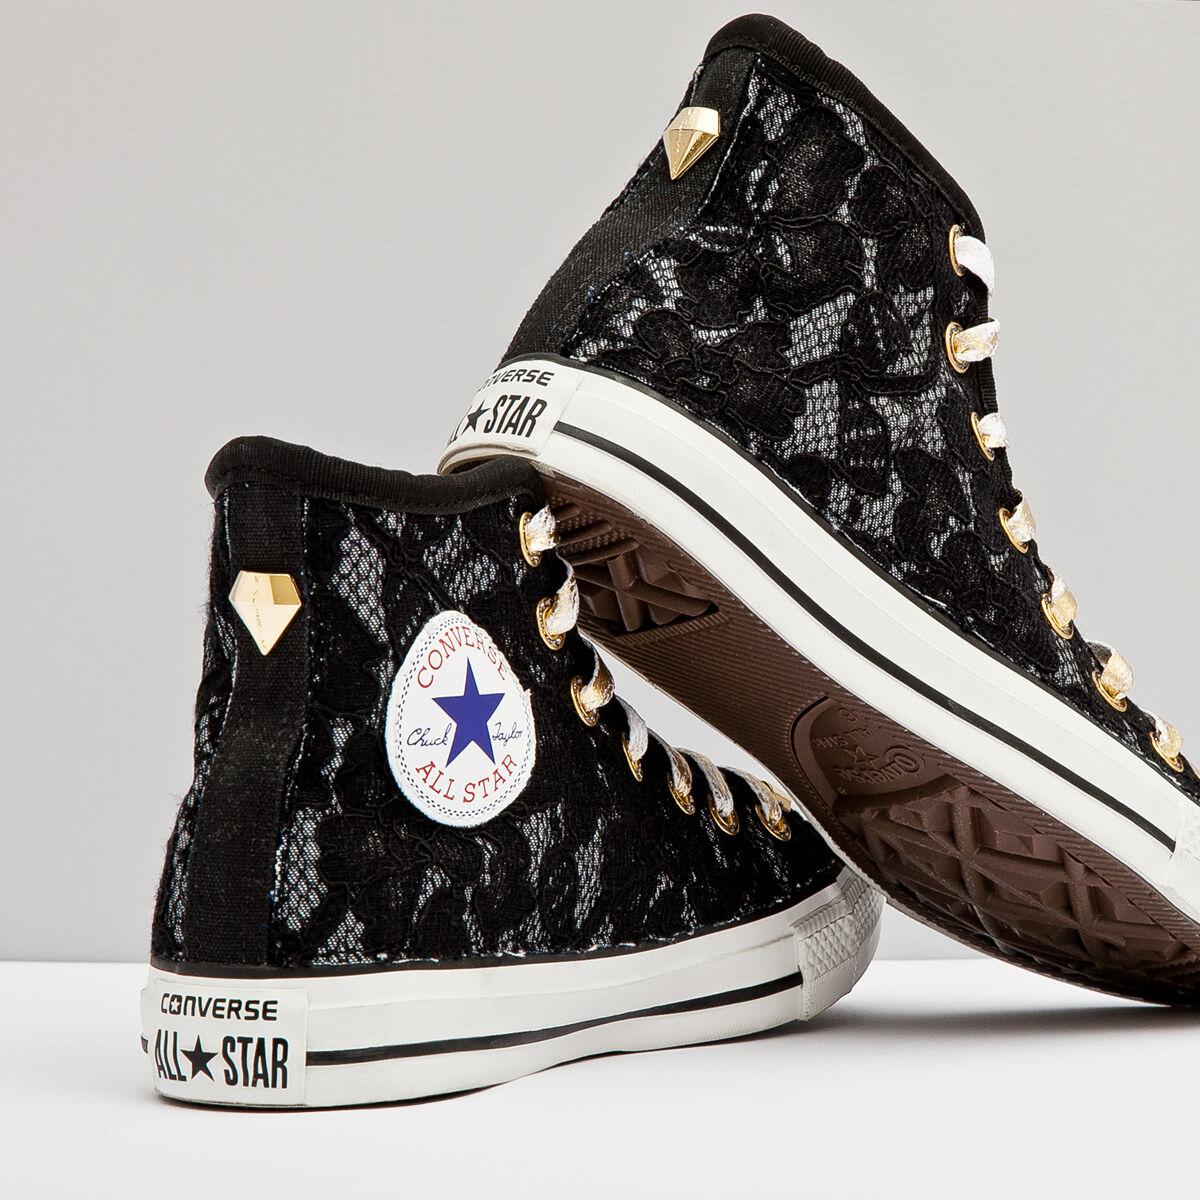 converse all star con nera personalizzata con ai lati tessuto con star pizzo nero ff2a55